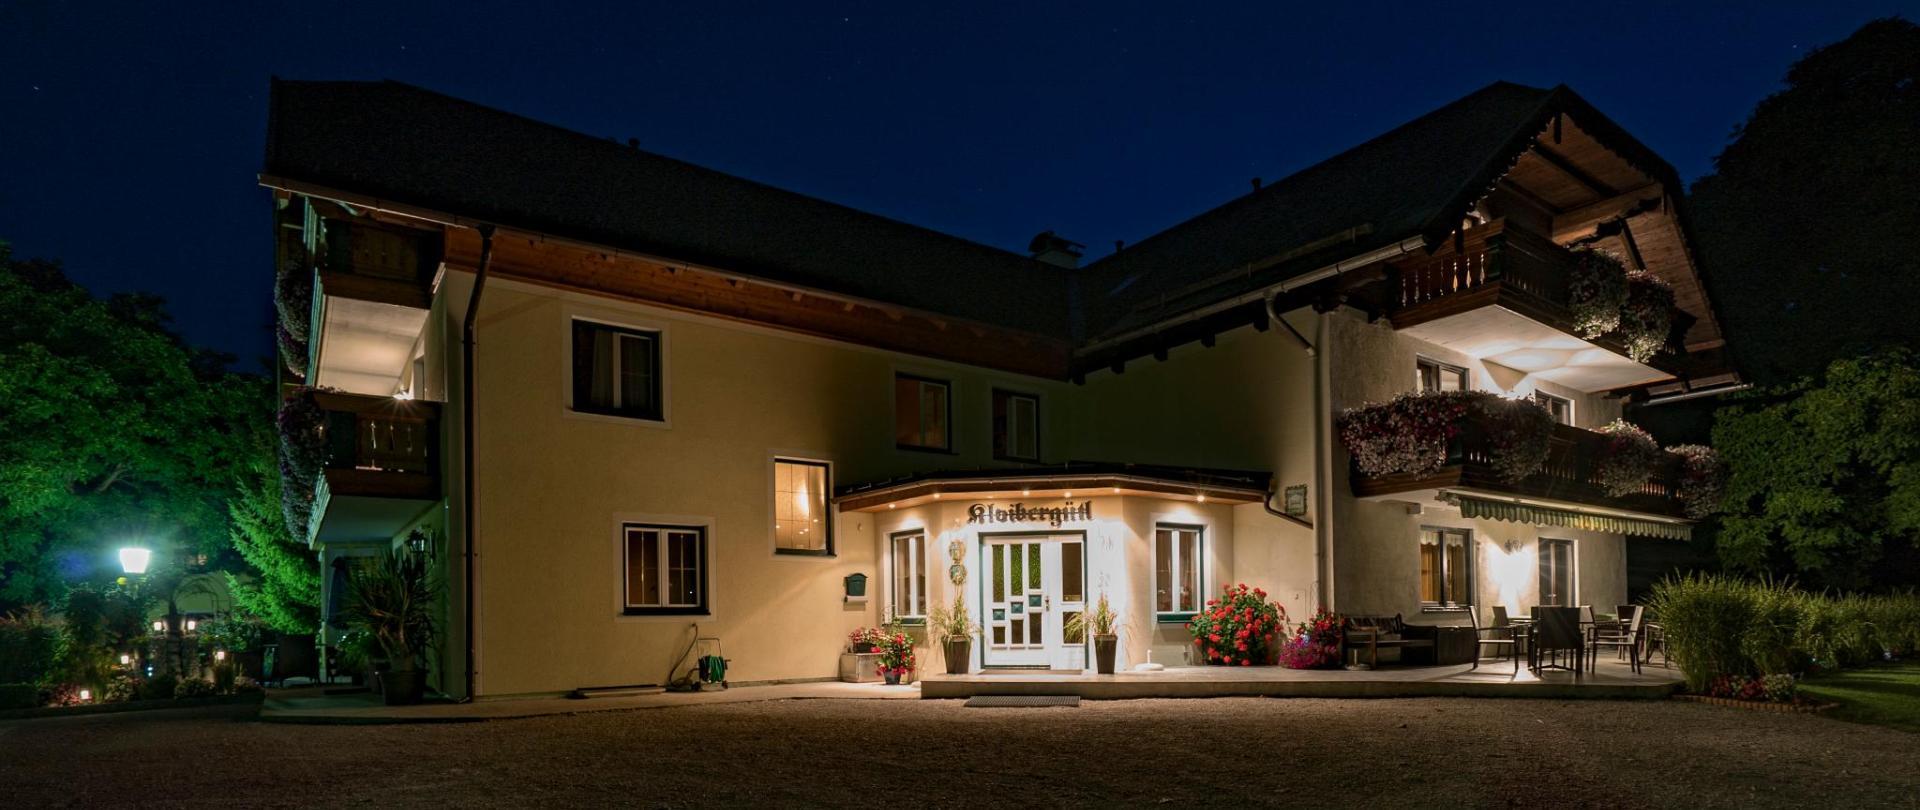 Haus bei Nacht 1.jpg